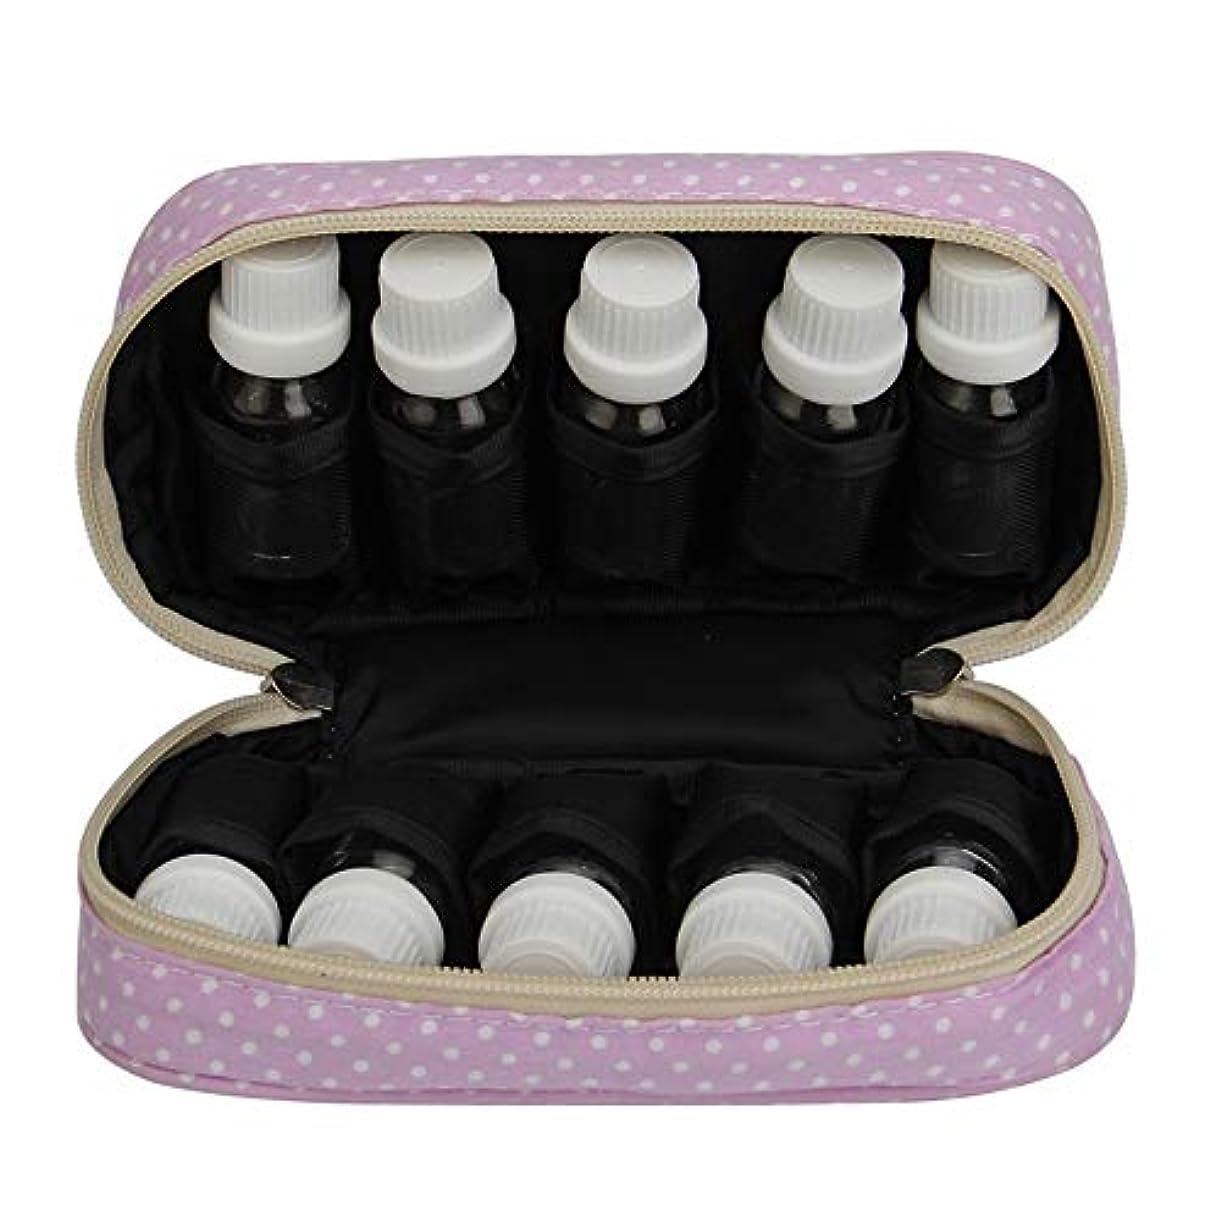 宿泊半導体弱めるエッセンシャルオイルストレージボックス エッセンシャルオイルキャリングケースは、10本のボトル10-15MLトラベルオーガナイザーポーチバッグパープルを開催します 旅行およびプレゼンテーション用 (色 : 紫の, サイズ...